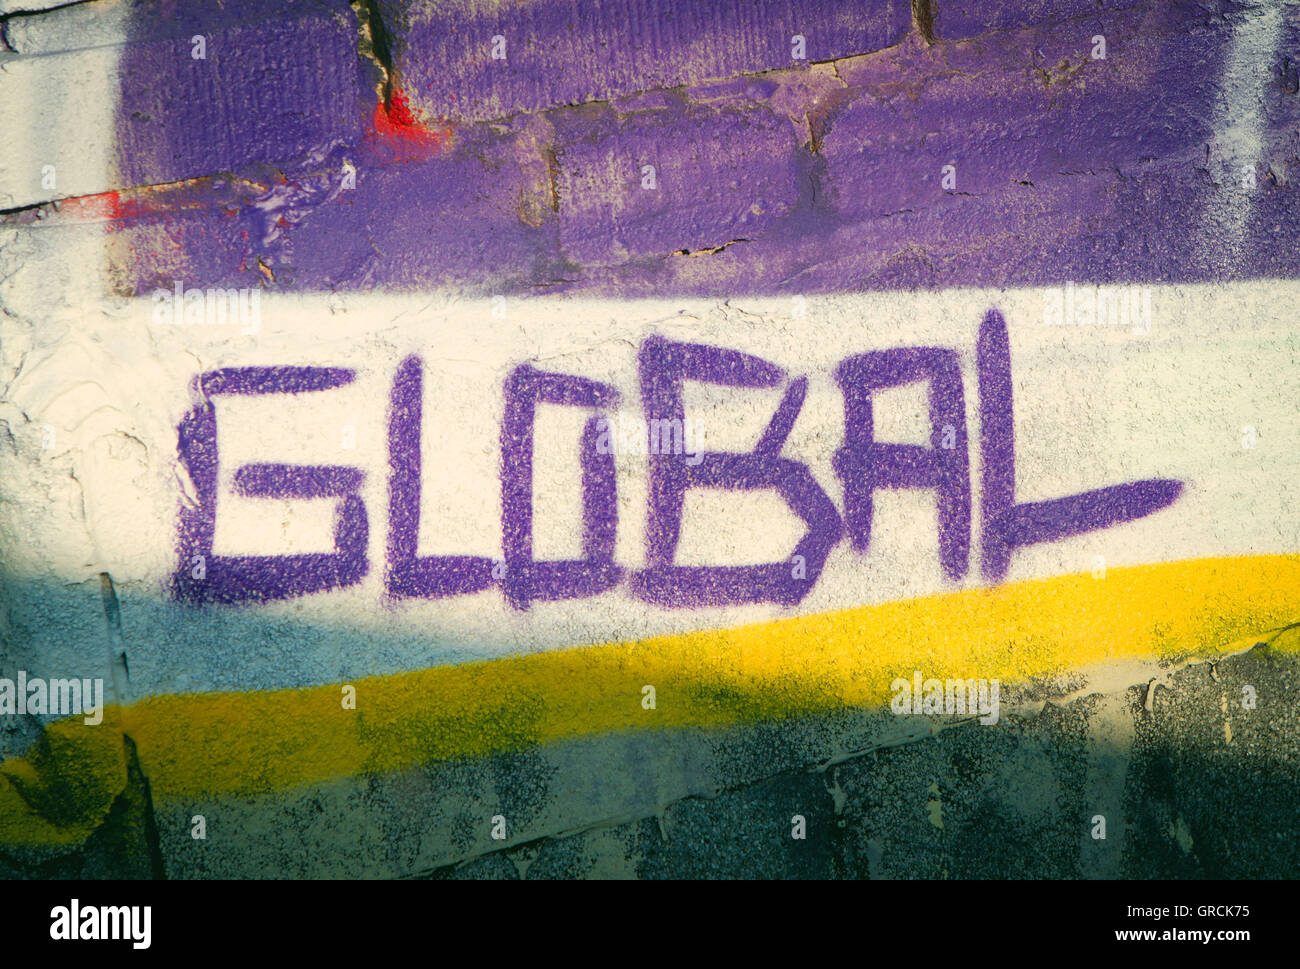 Graffiti, à l'échelle mondiale, la culture de la Jeunesse Photo Stock